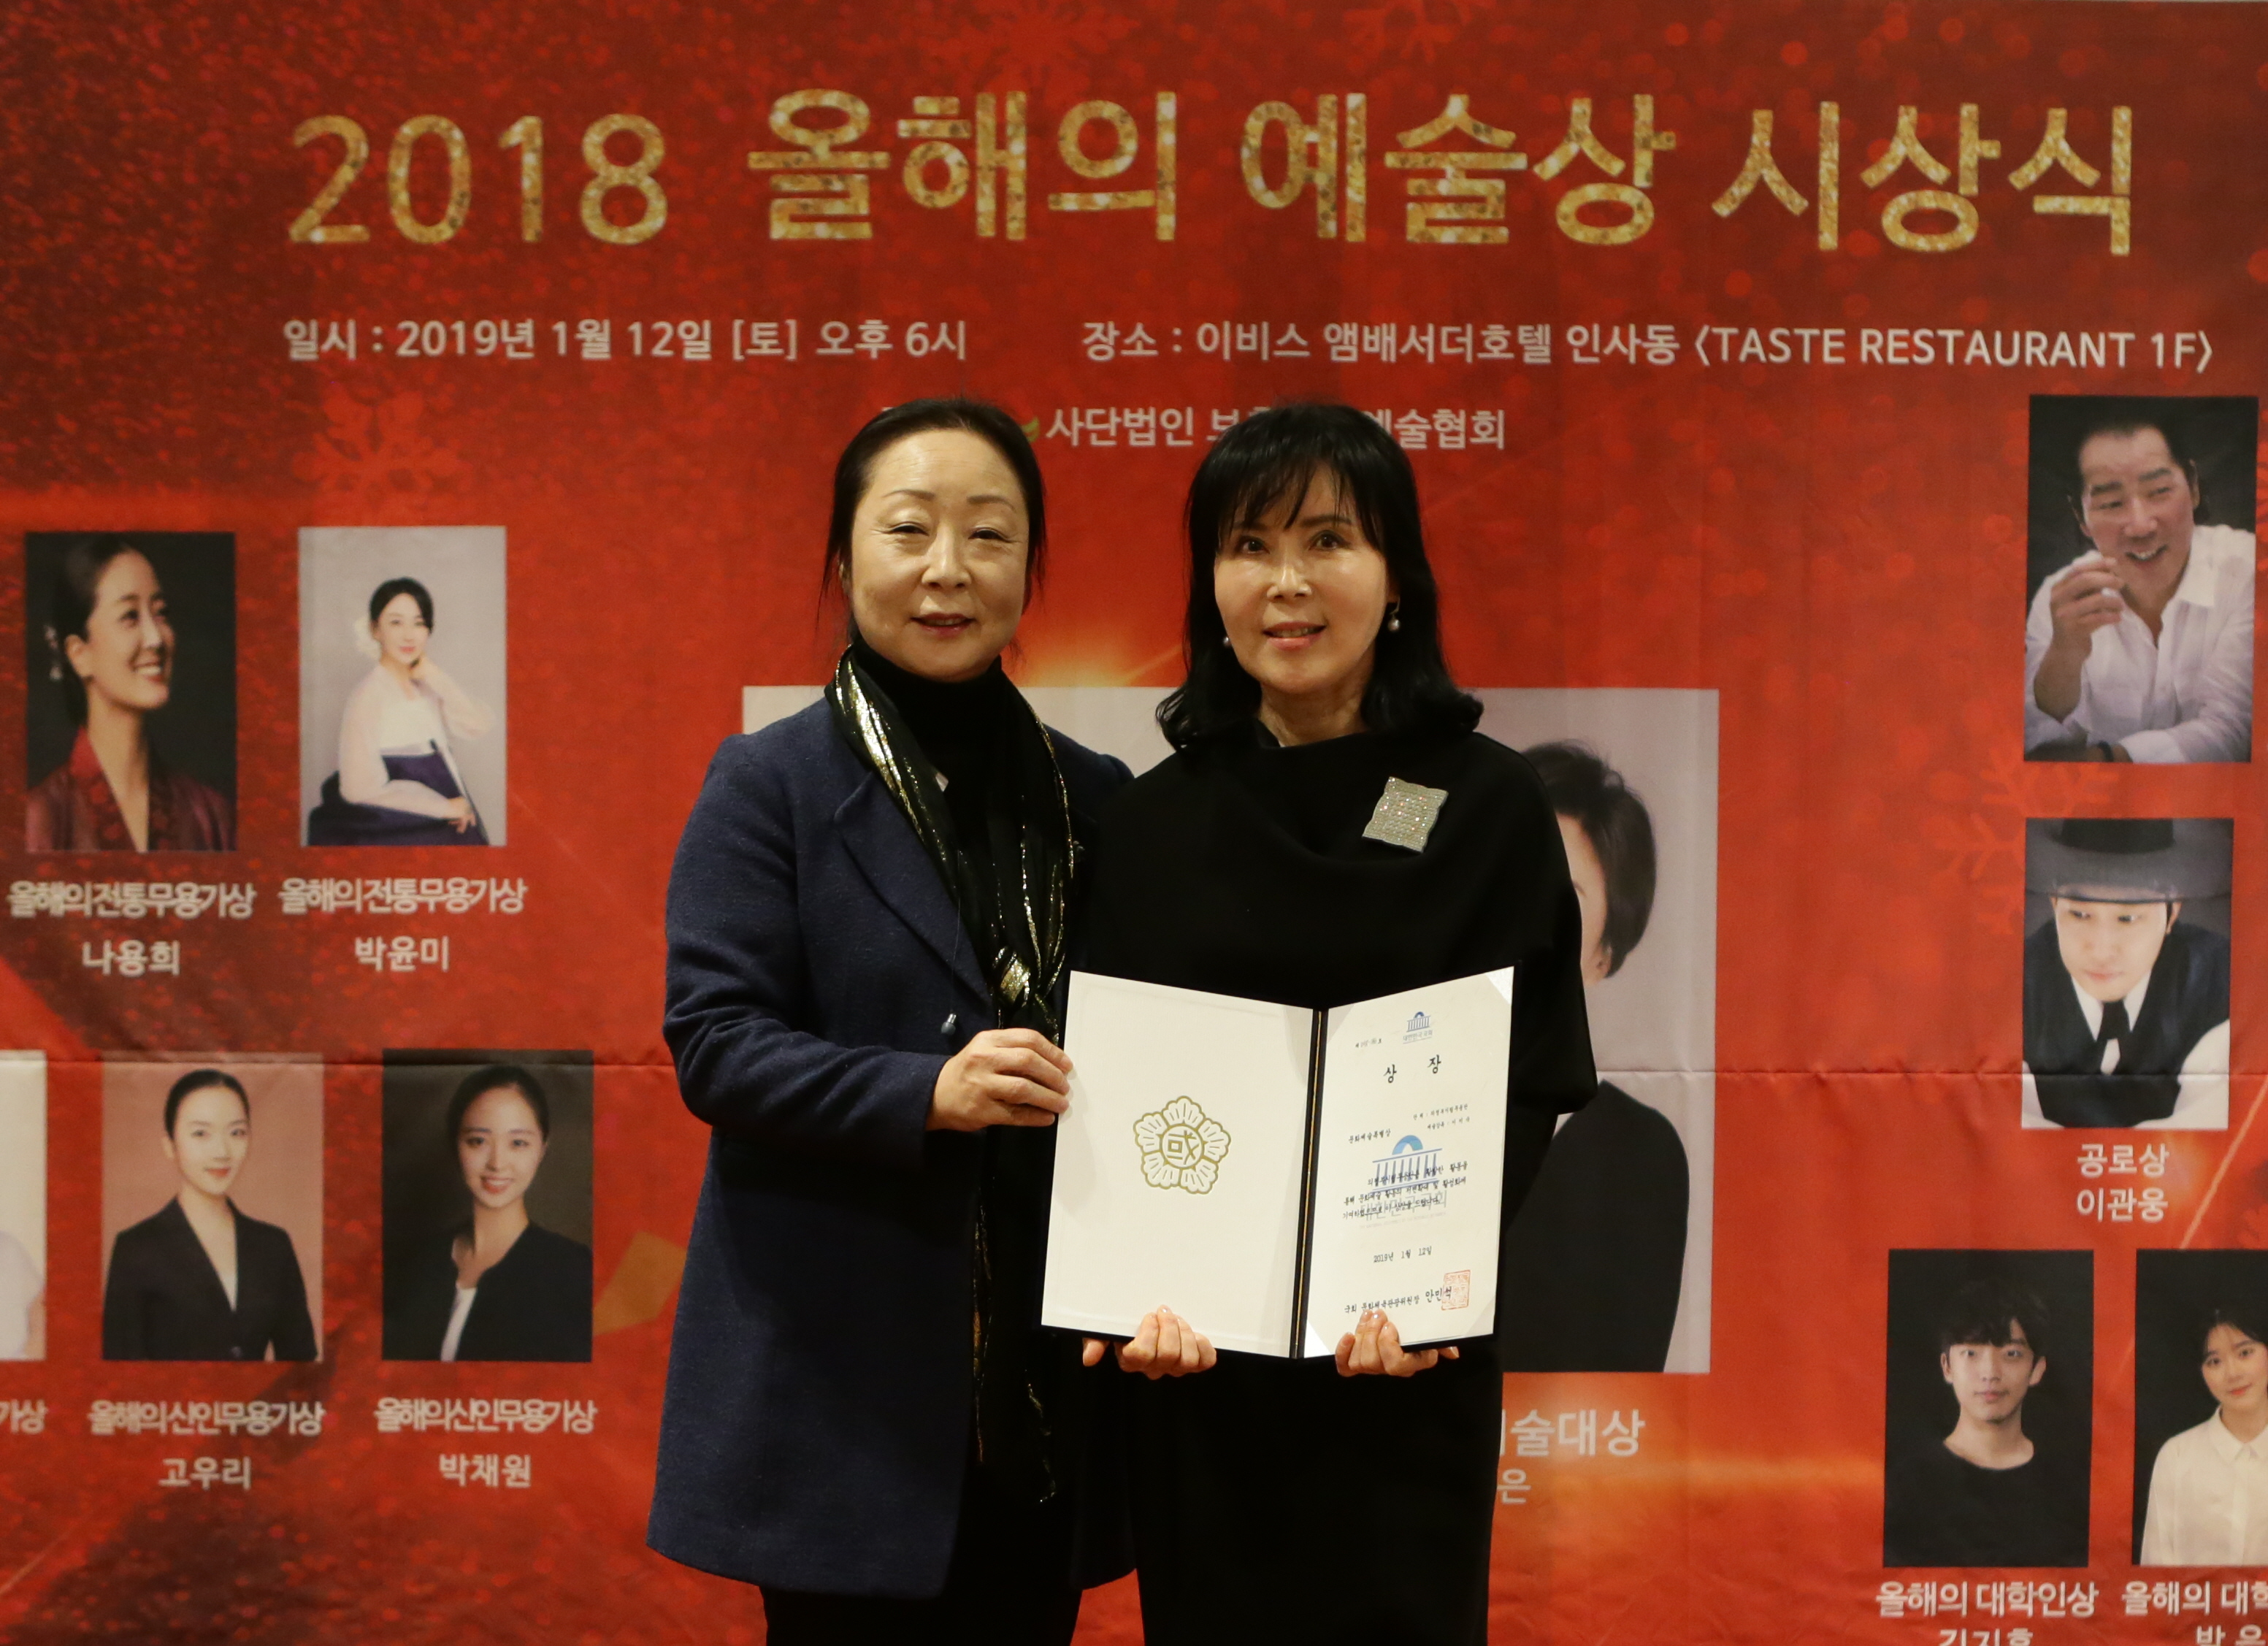 2018올해의 예술상 시상식 (73).JPG